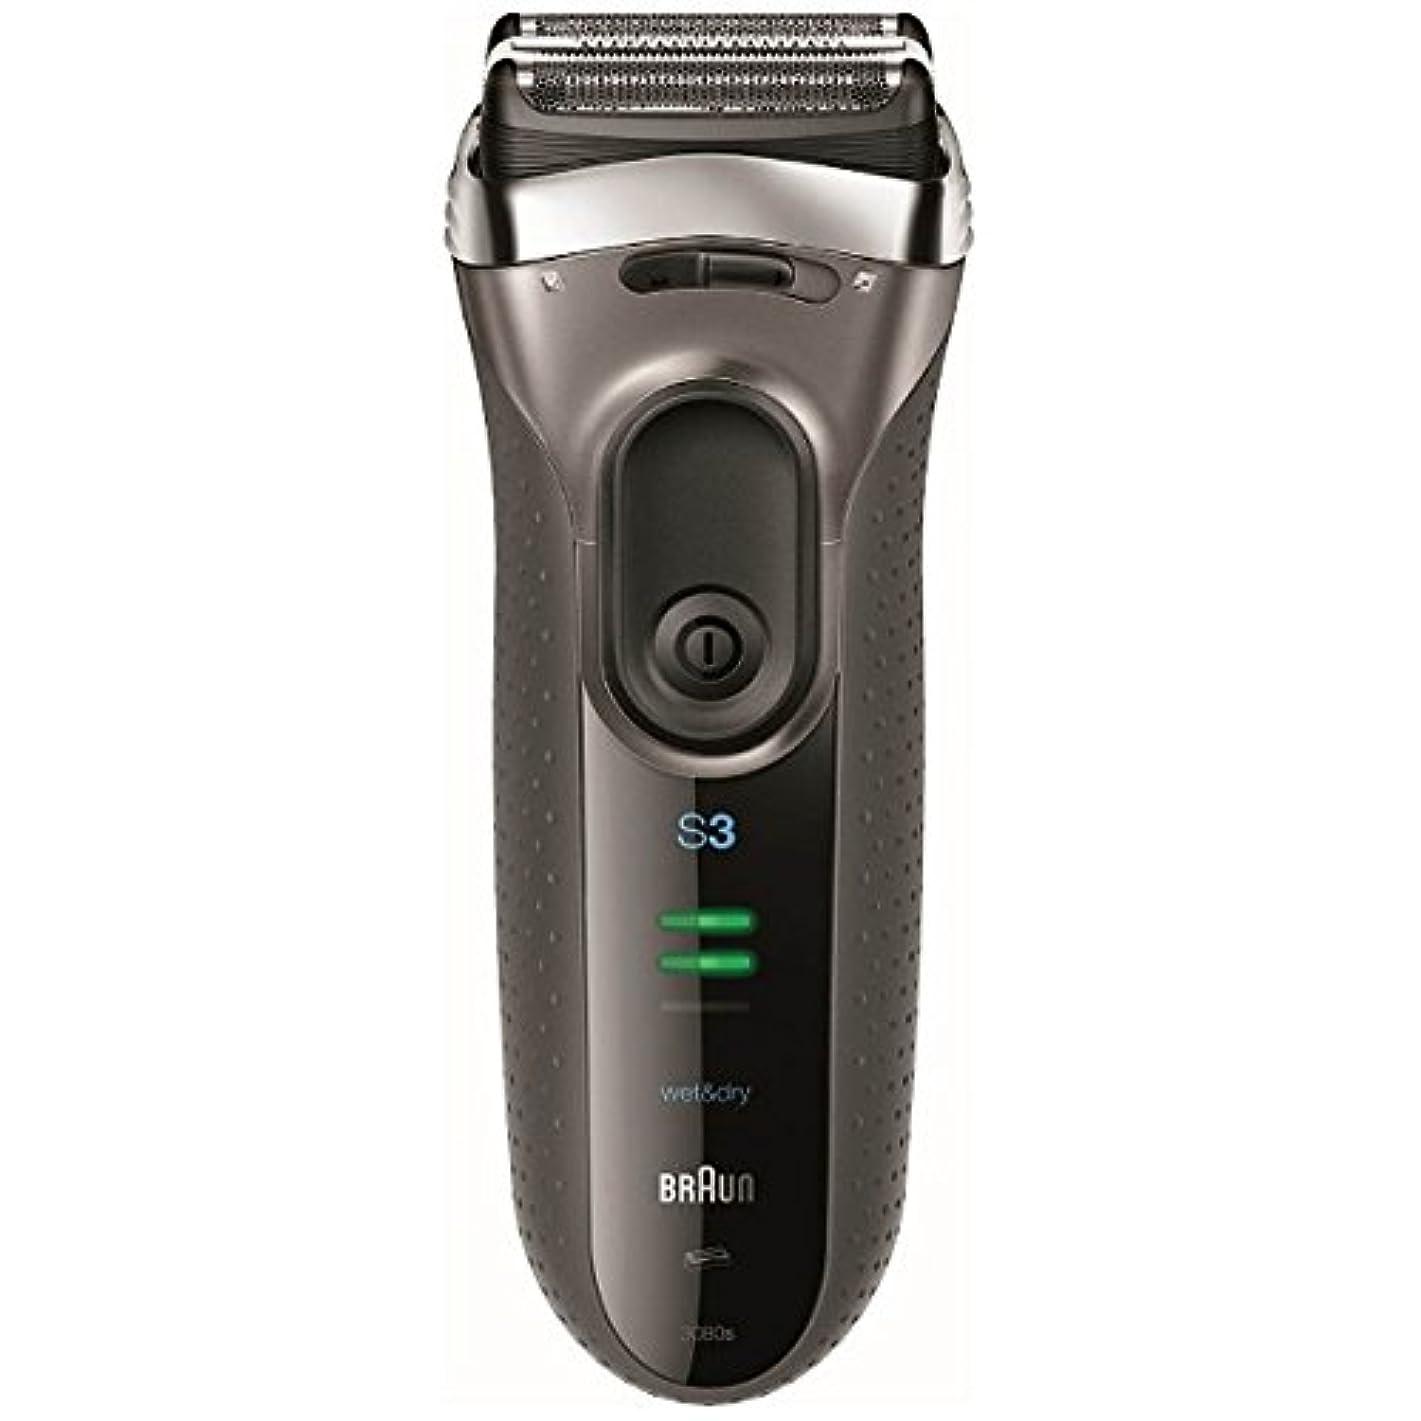 魅力弾力性のある然としたブラウン メンズシェーバー シリーズ3 3080s-S-P 3枚刃 お風呂剃り可 シルバー